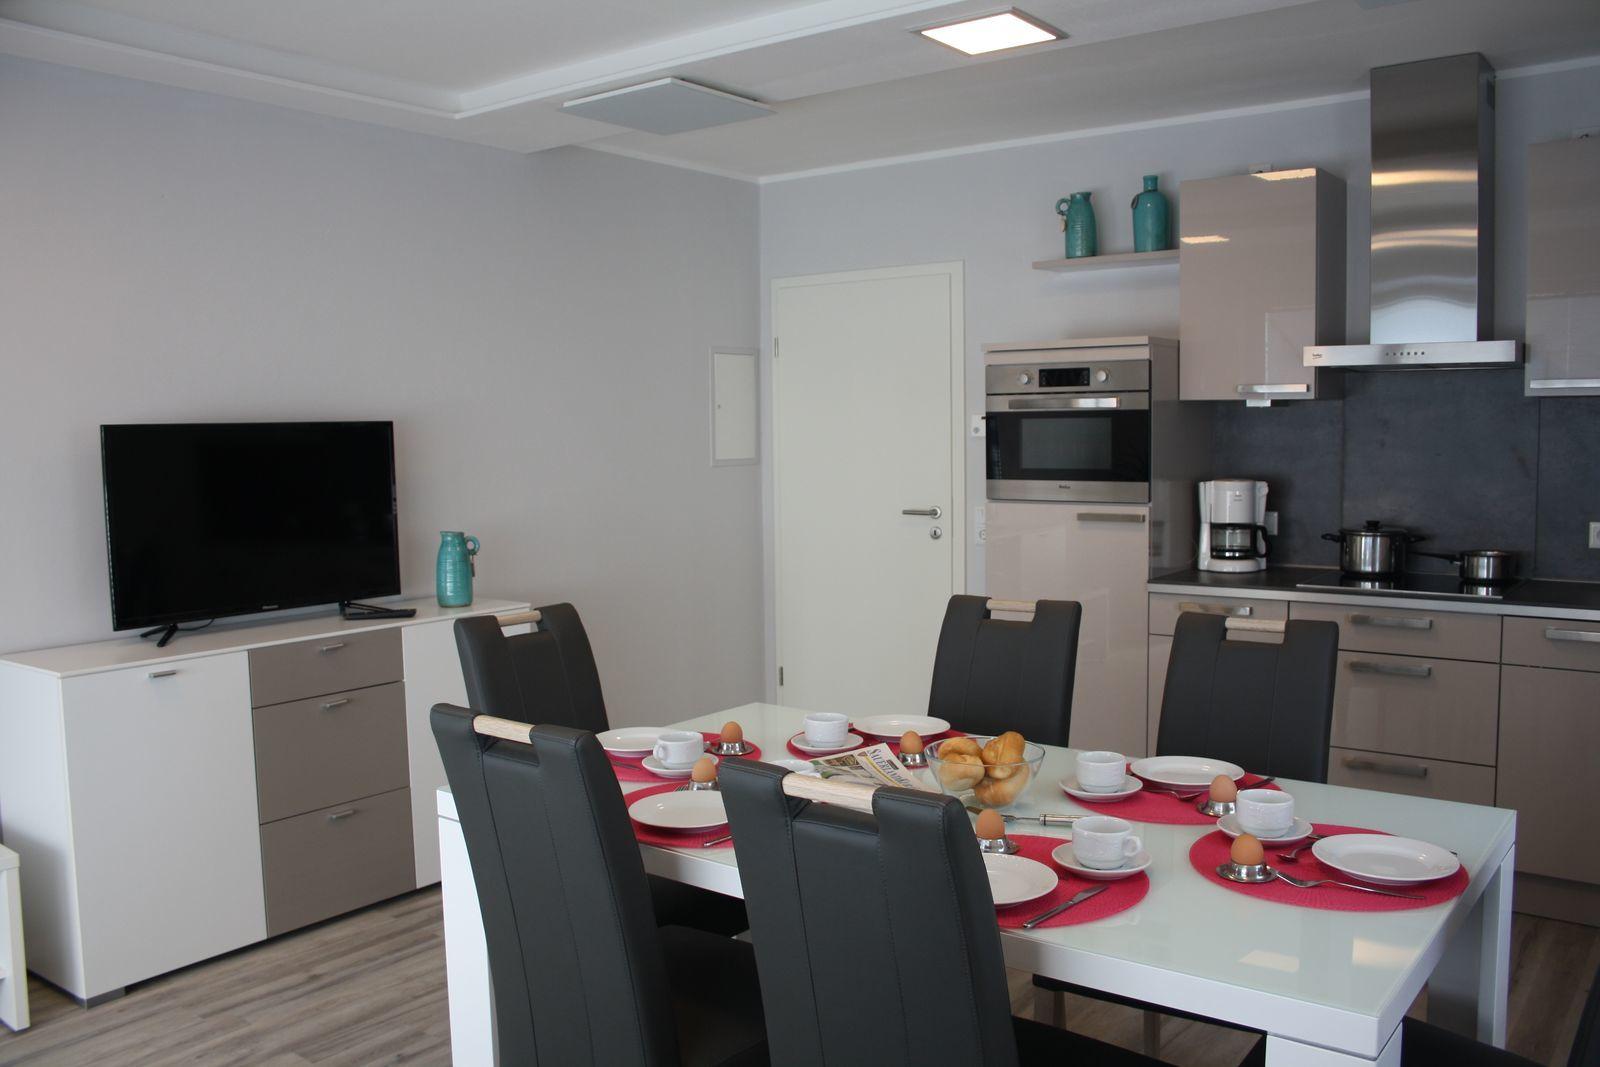 Apartment(s) - Comfort 8 Personen [2 Apartments: 1 x 6-Pers. + 1 x 2-Pers.]